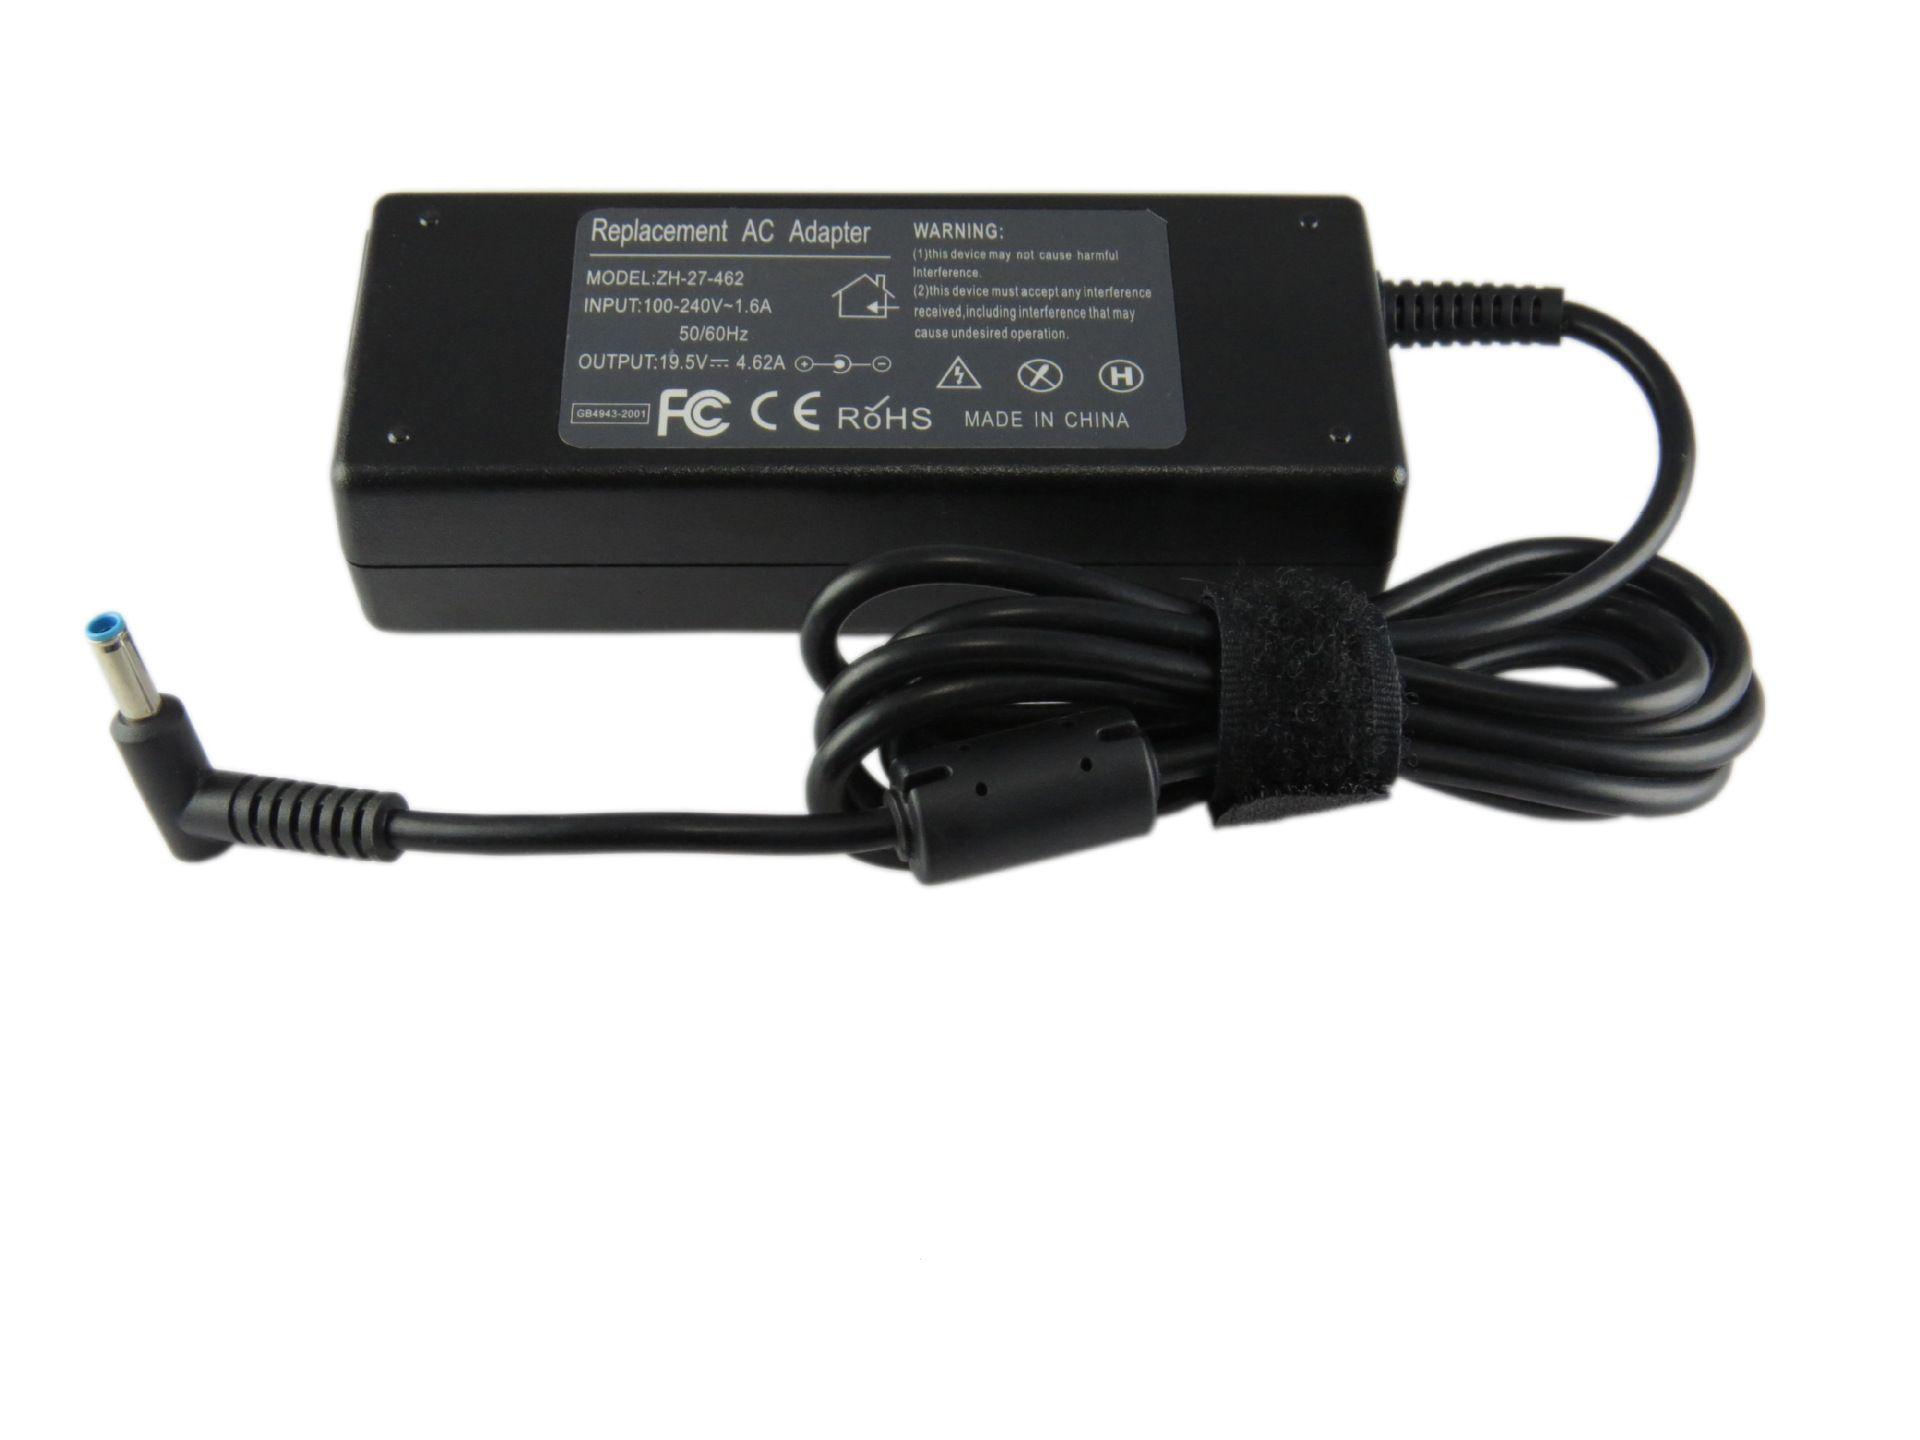 19.5 V 3.33A 65 W Ordinateur Portable Adaptateur secteur Chargeur Pour Hp Envy14/15 Pavilion M4/15 Ppp009C j009wm 14-K001Xx 14-K00Tx 14-K002Tx